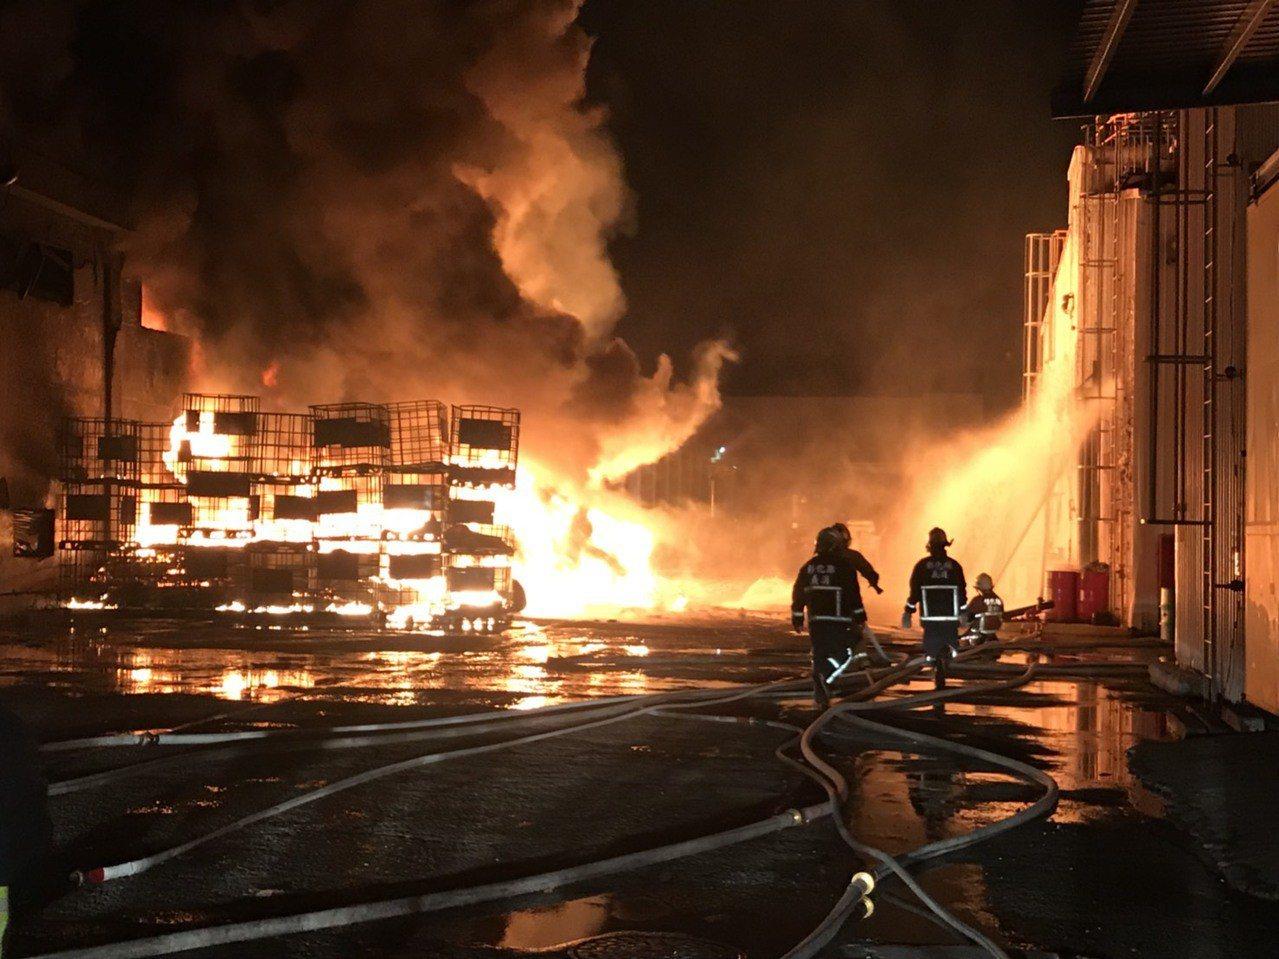 彰化縣伸港鄉興工路的英全化工倉庫昨晚深夜發生火警,由於烈火及濃煙衝天,工廠內還有...